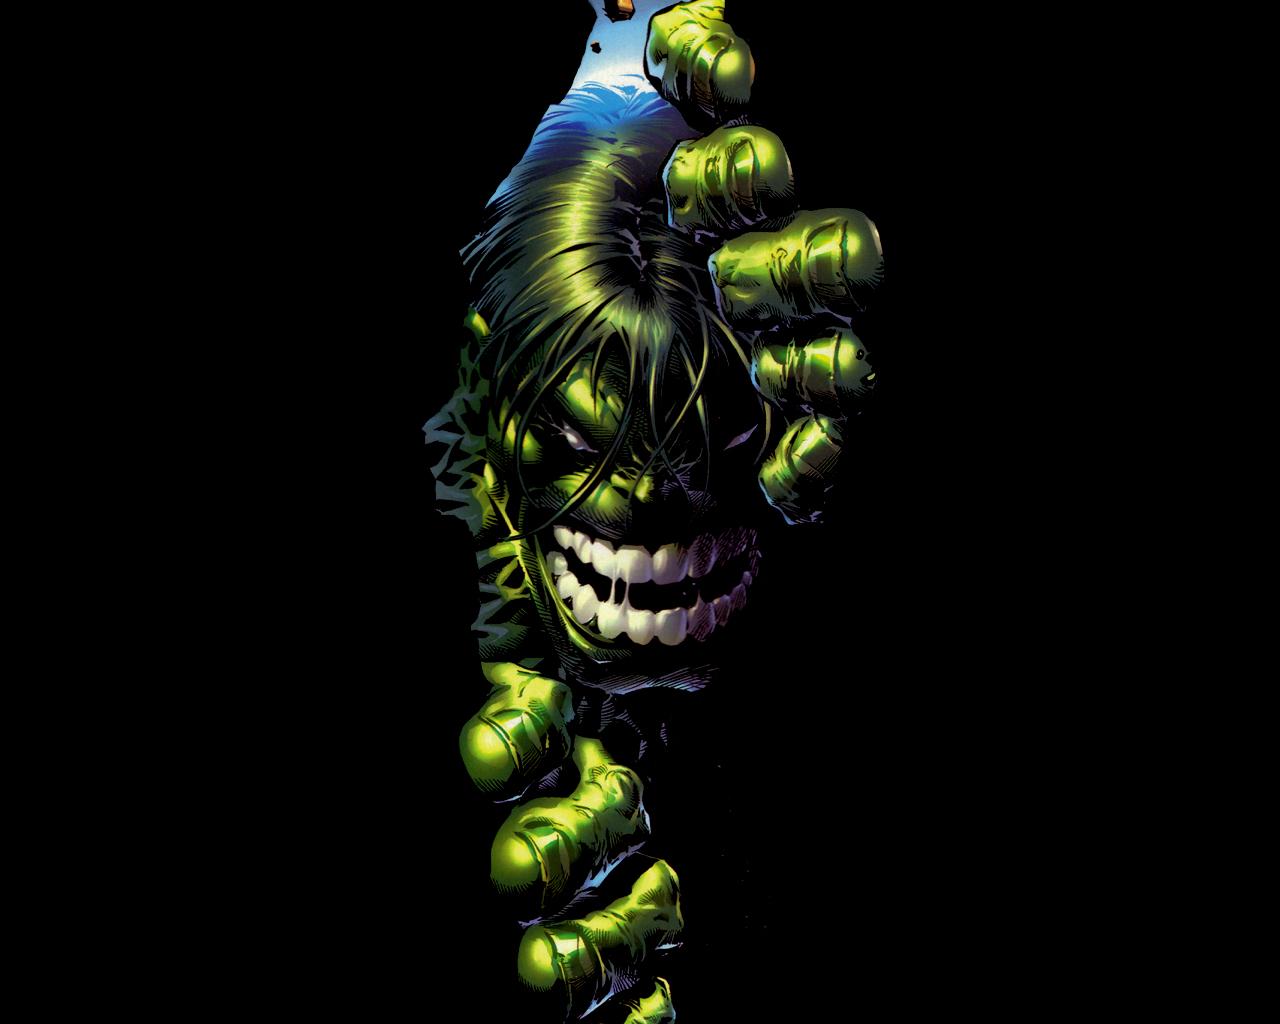 comics Hulk wallpaper Comment 1280x1024